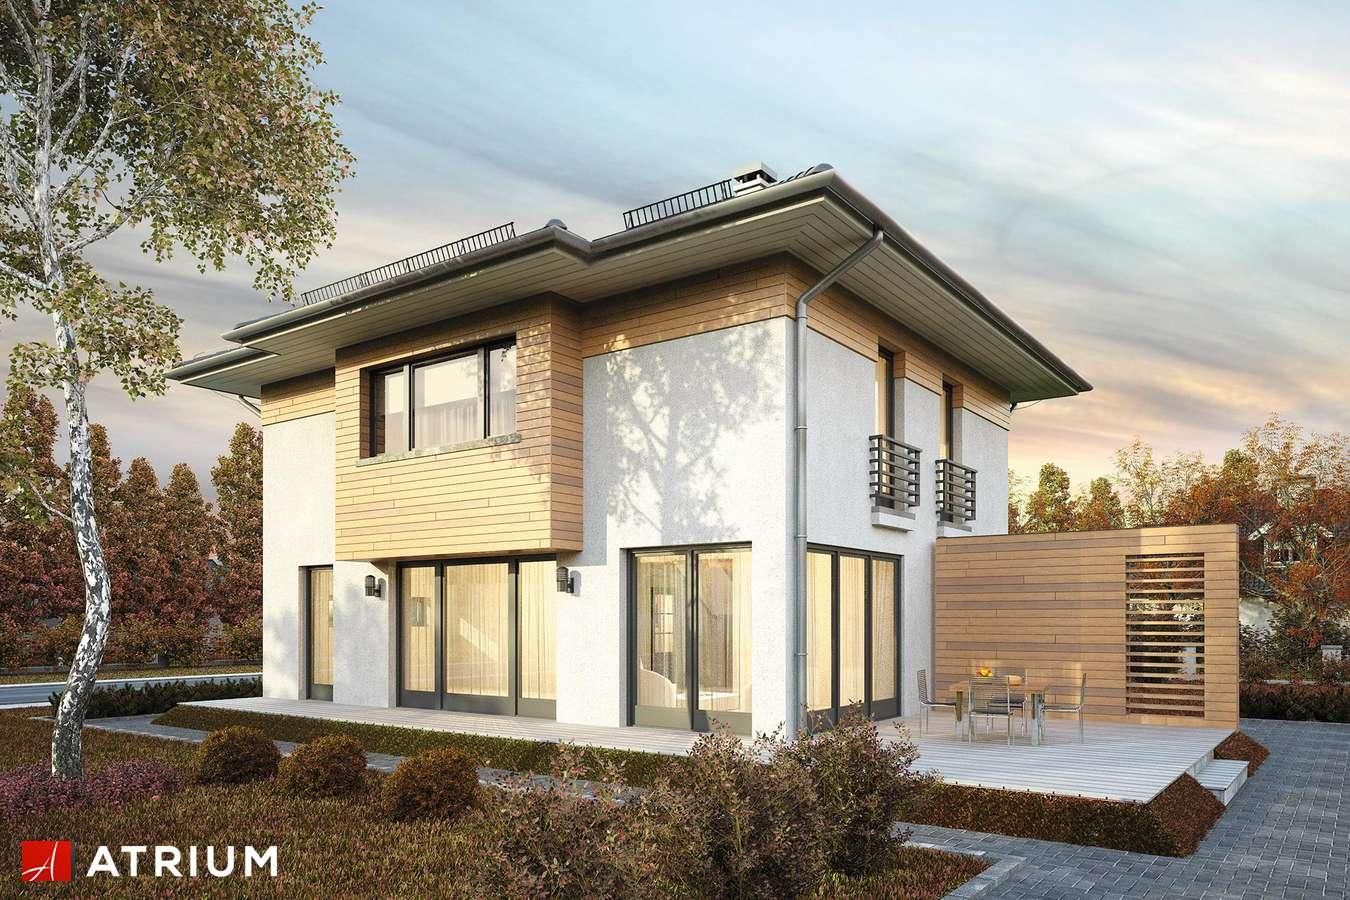 Projekty domów - Projekt domu piętrowego MILANO V - wizualizacja 1 - wersja lustrzana